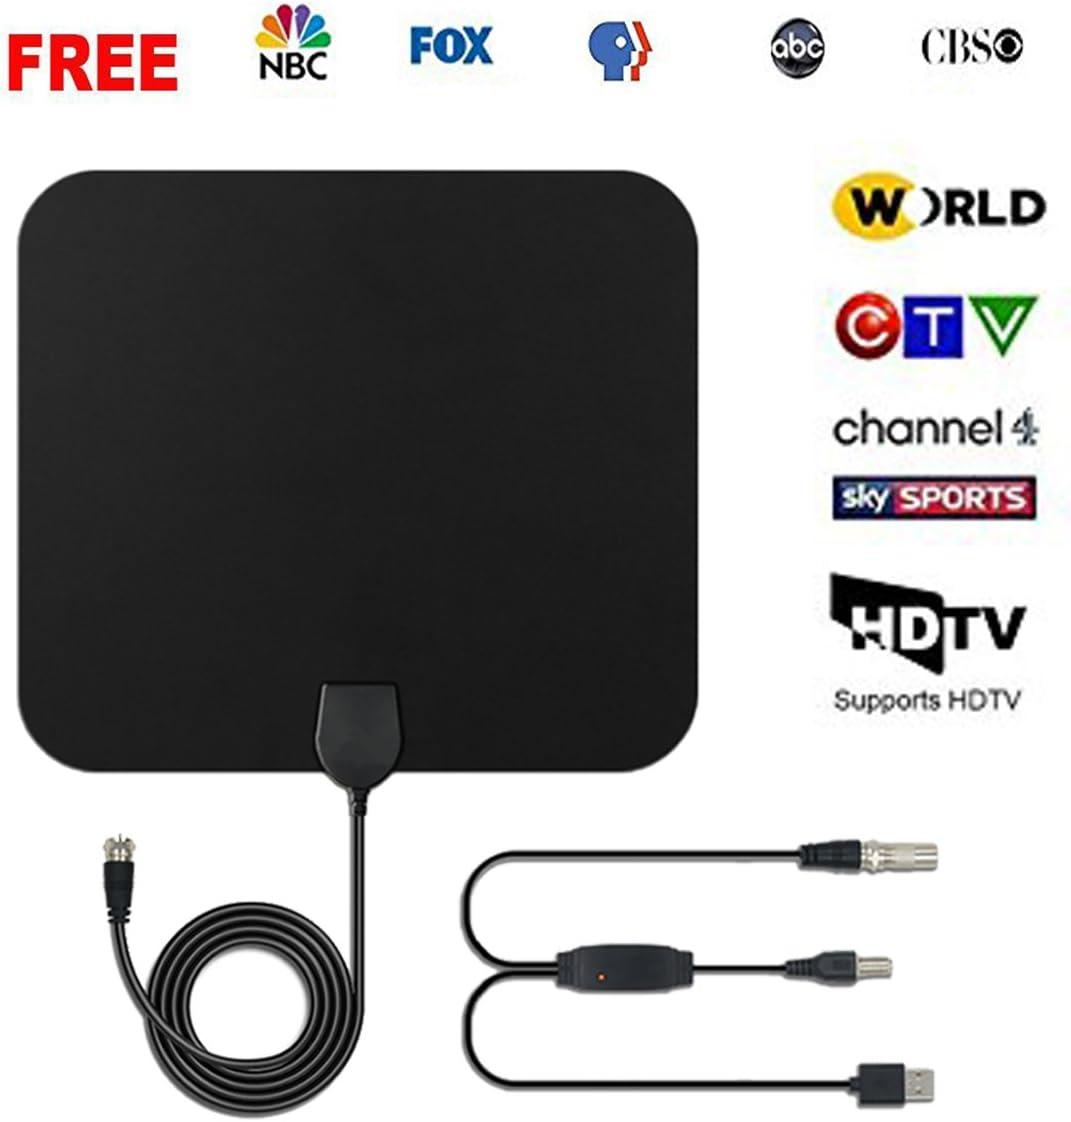 Antena de TV, Antena de TV Digital HD para Interiores con Amplificador de Alcance Largo de 50 Millas HDTV, Amplificador de señal actualizado, versión de 3 m, Cable coaxial (Negro 50): Amazon.es: Electrónica